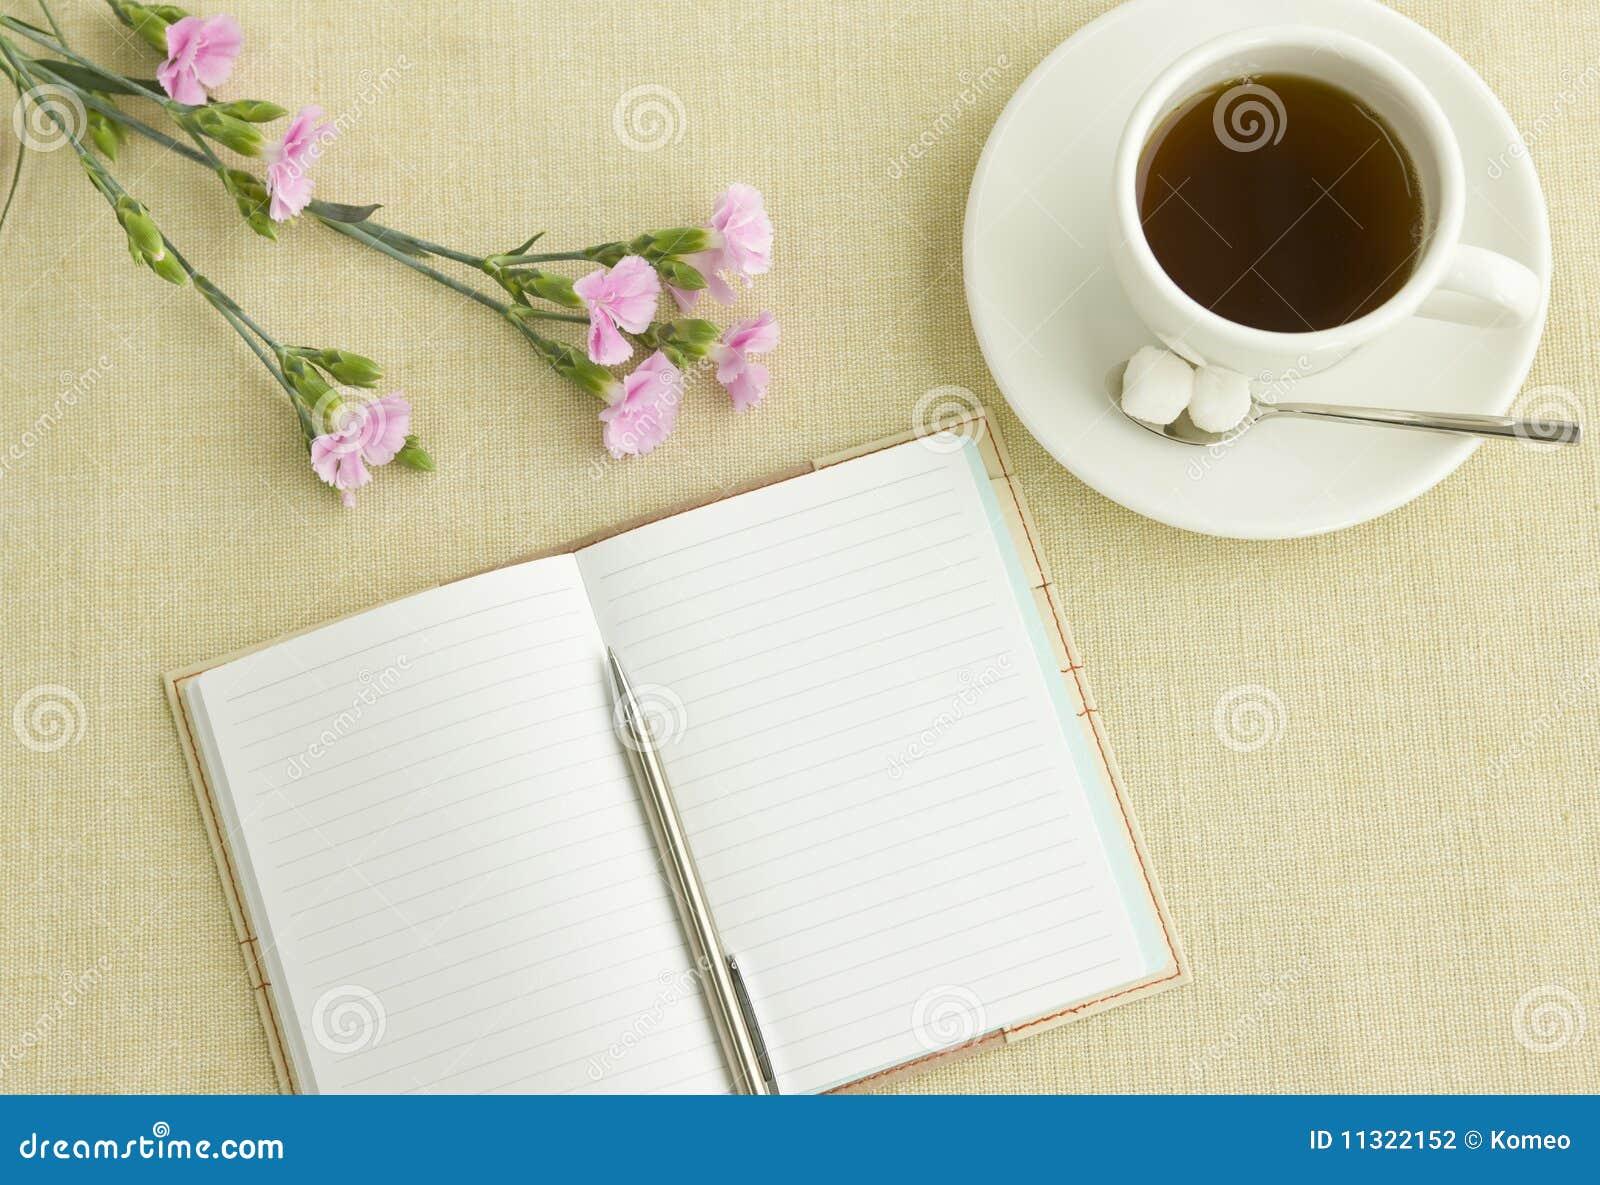 Anmerkung und Tee auf Schreibtisch